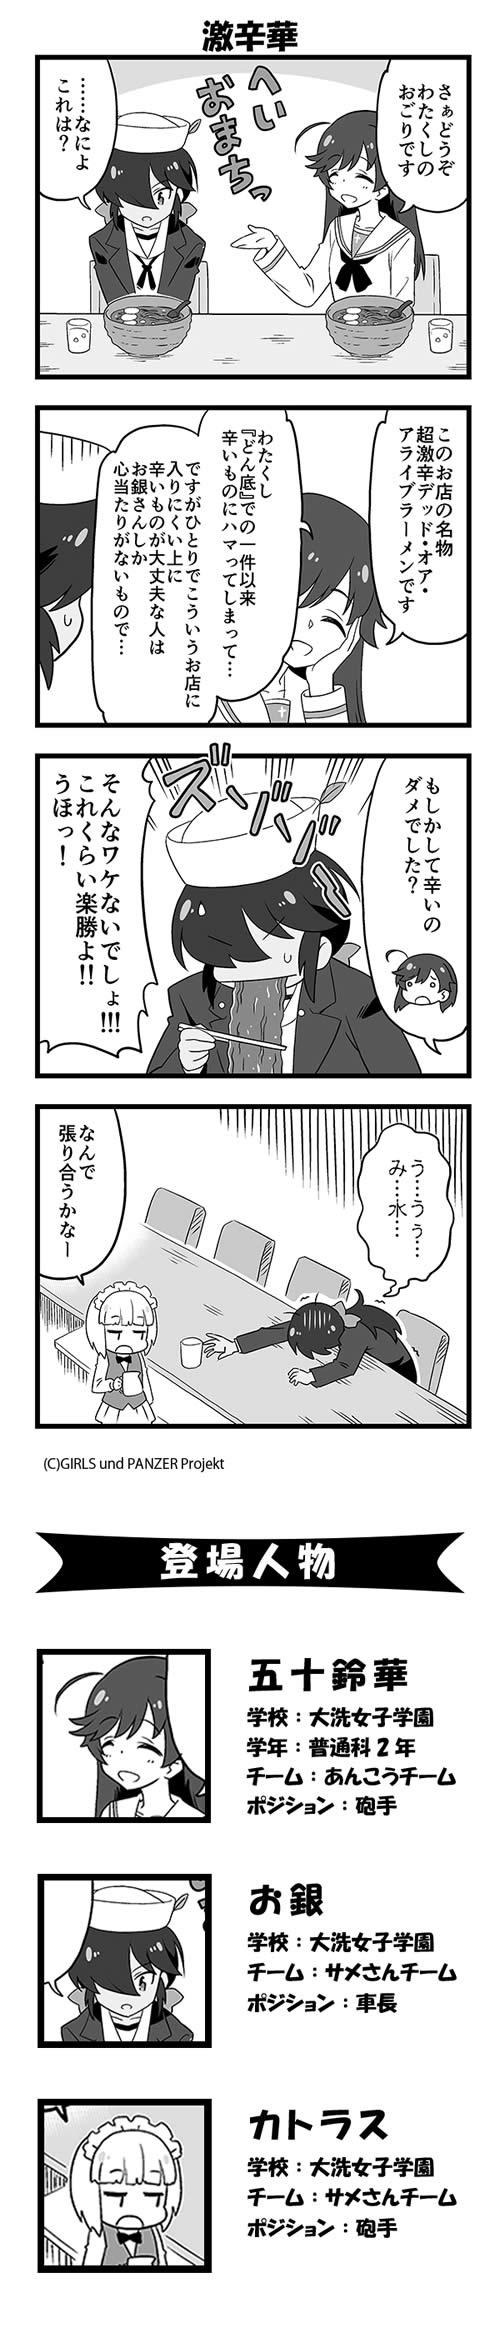 ガールズ&パンツァー  五十鈴華 お銀 漫画